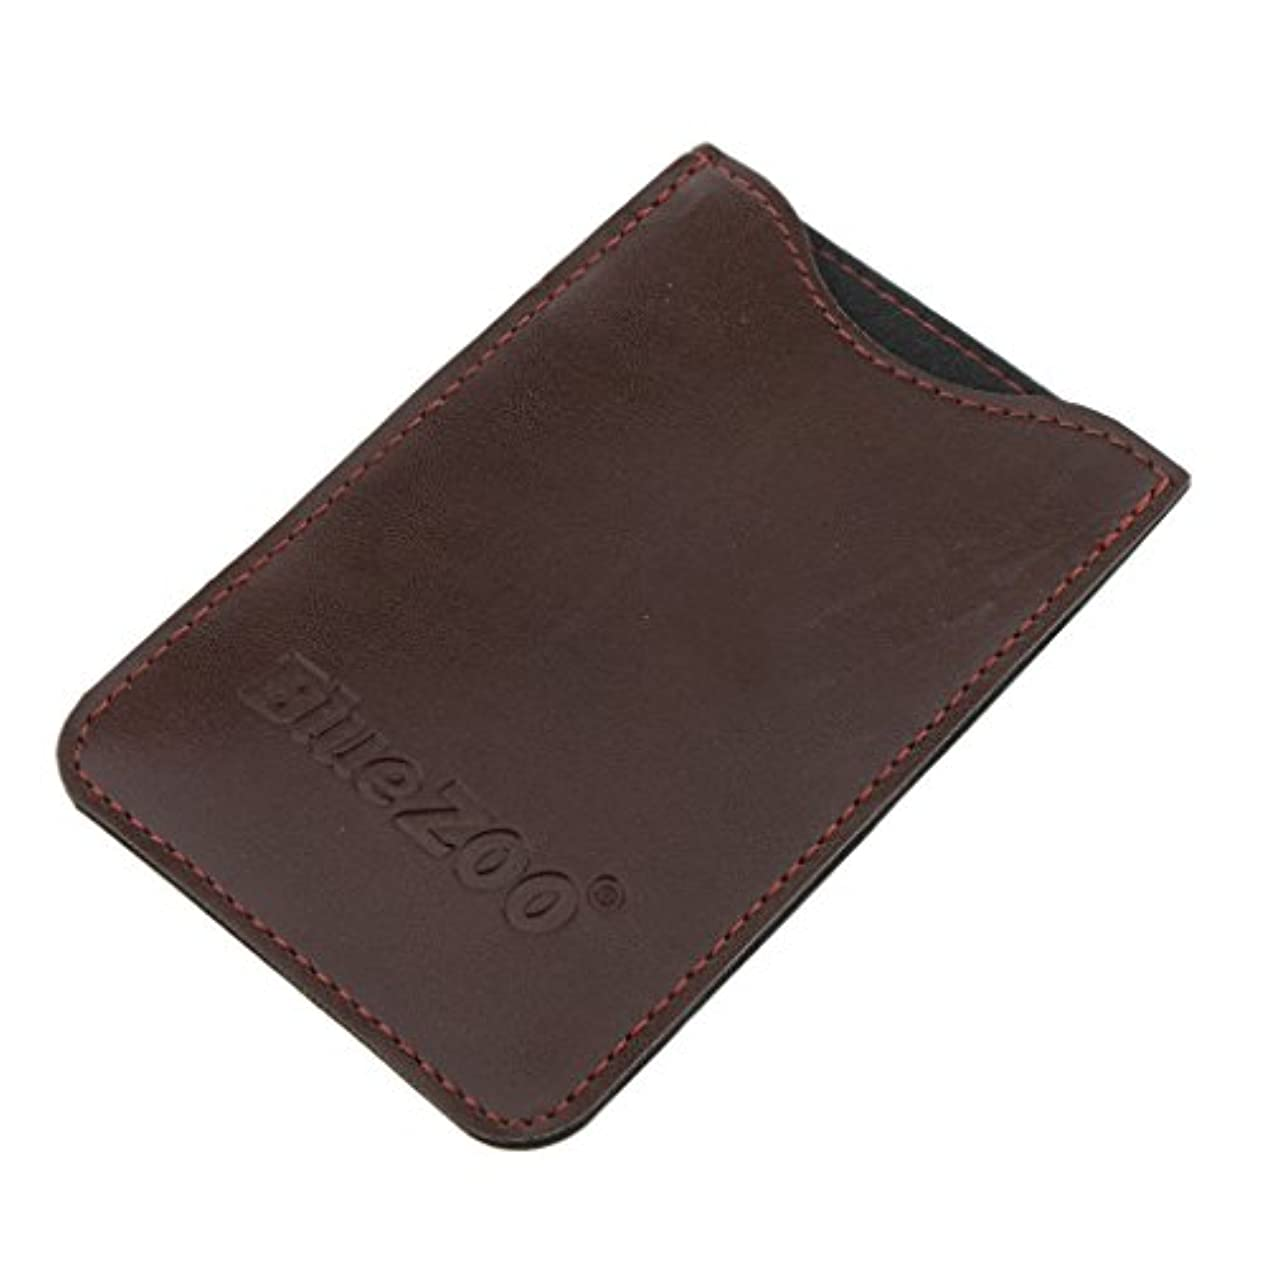 もっと少なく赤面精神的にPerfeclan コンビバッグ PUレザー 櫛バッグ ポケット オーガナイザー 収納ケース 保護カバー パック 全2色 - 褐色